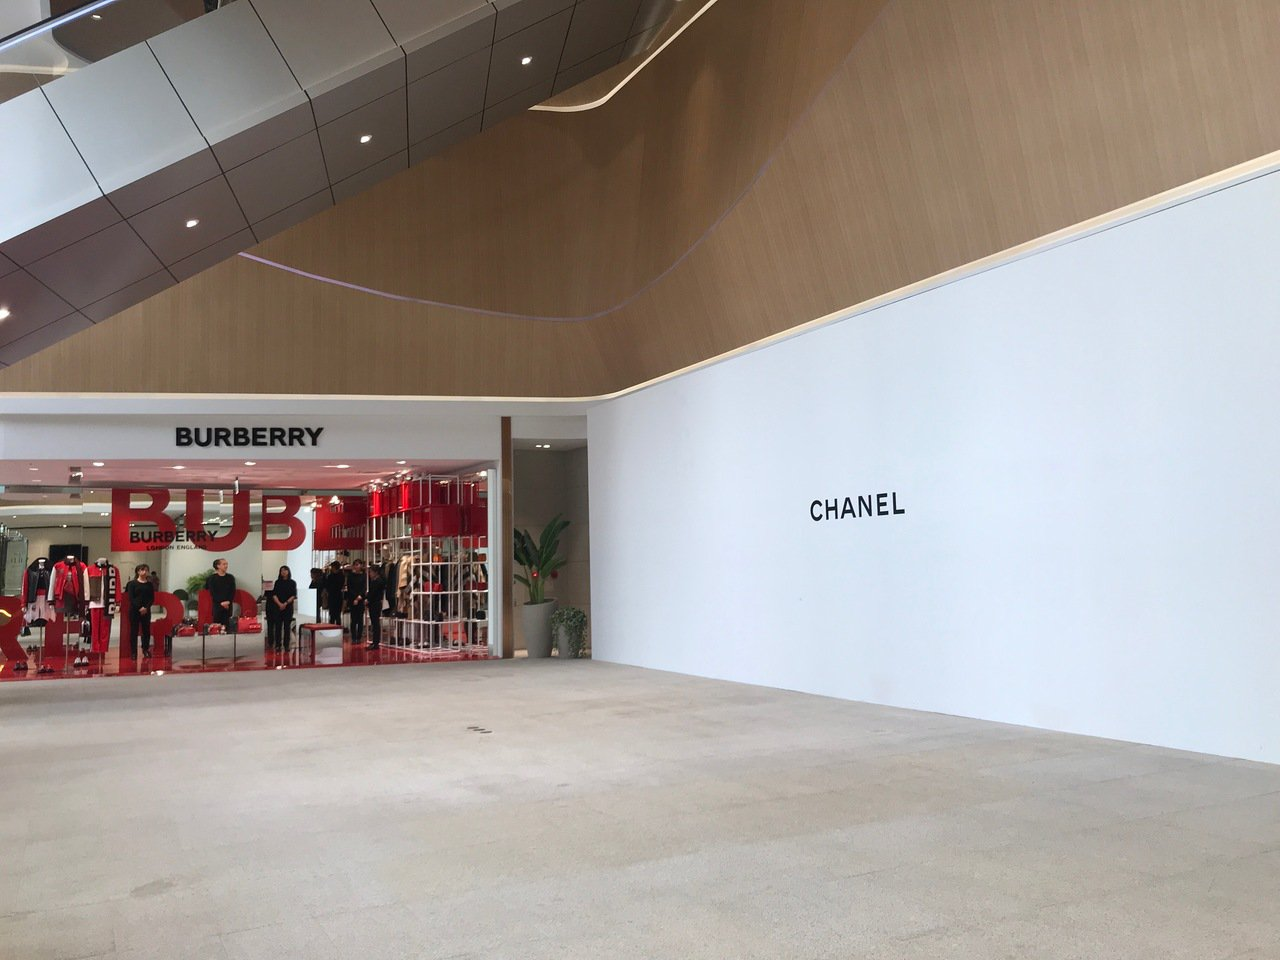 香奈兒將在遠百信義A13開出配件店。記者江佩君/攝影